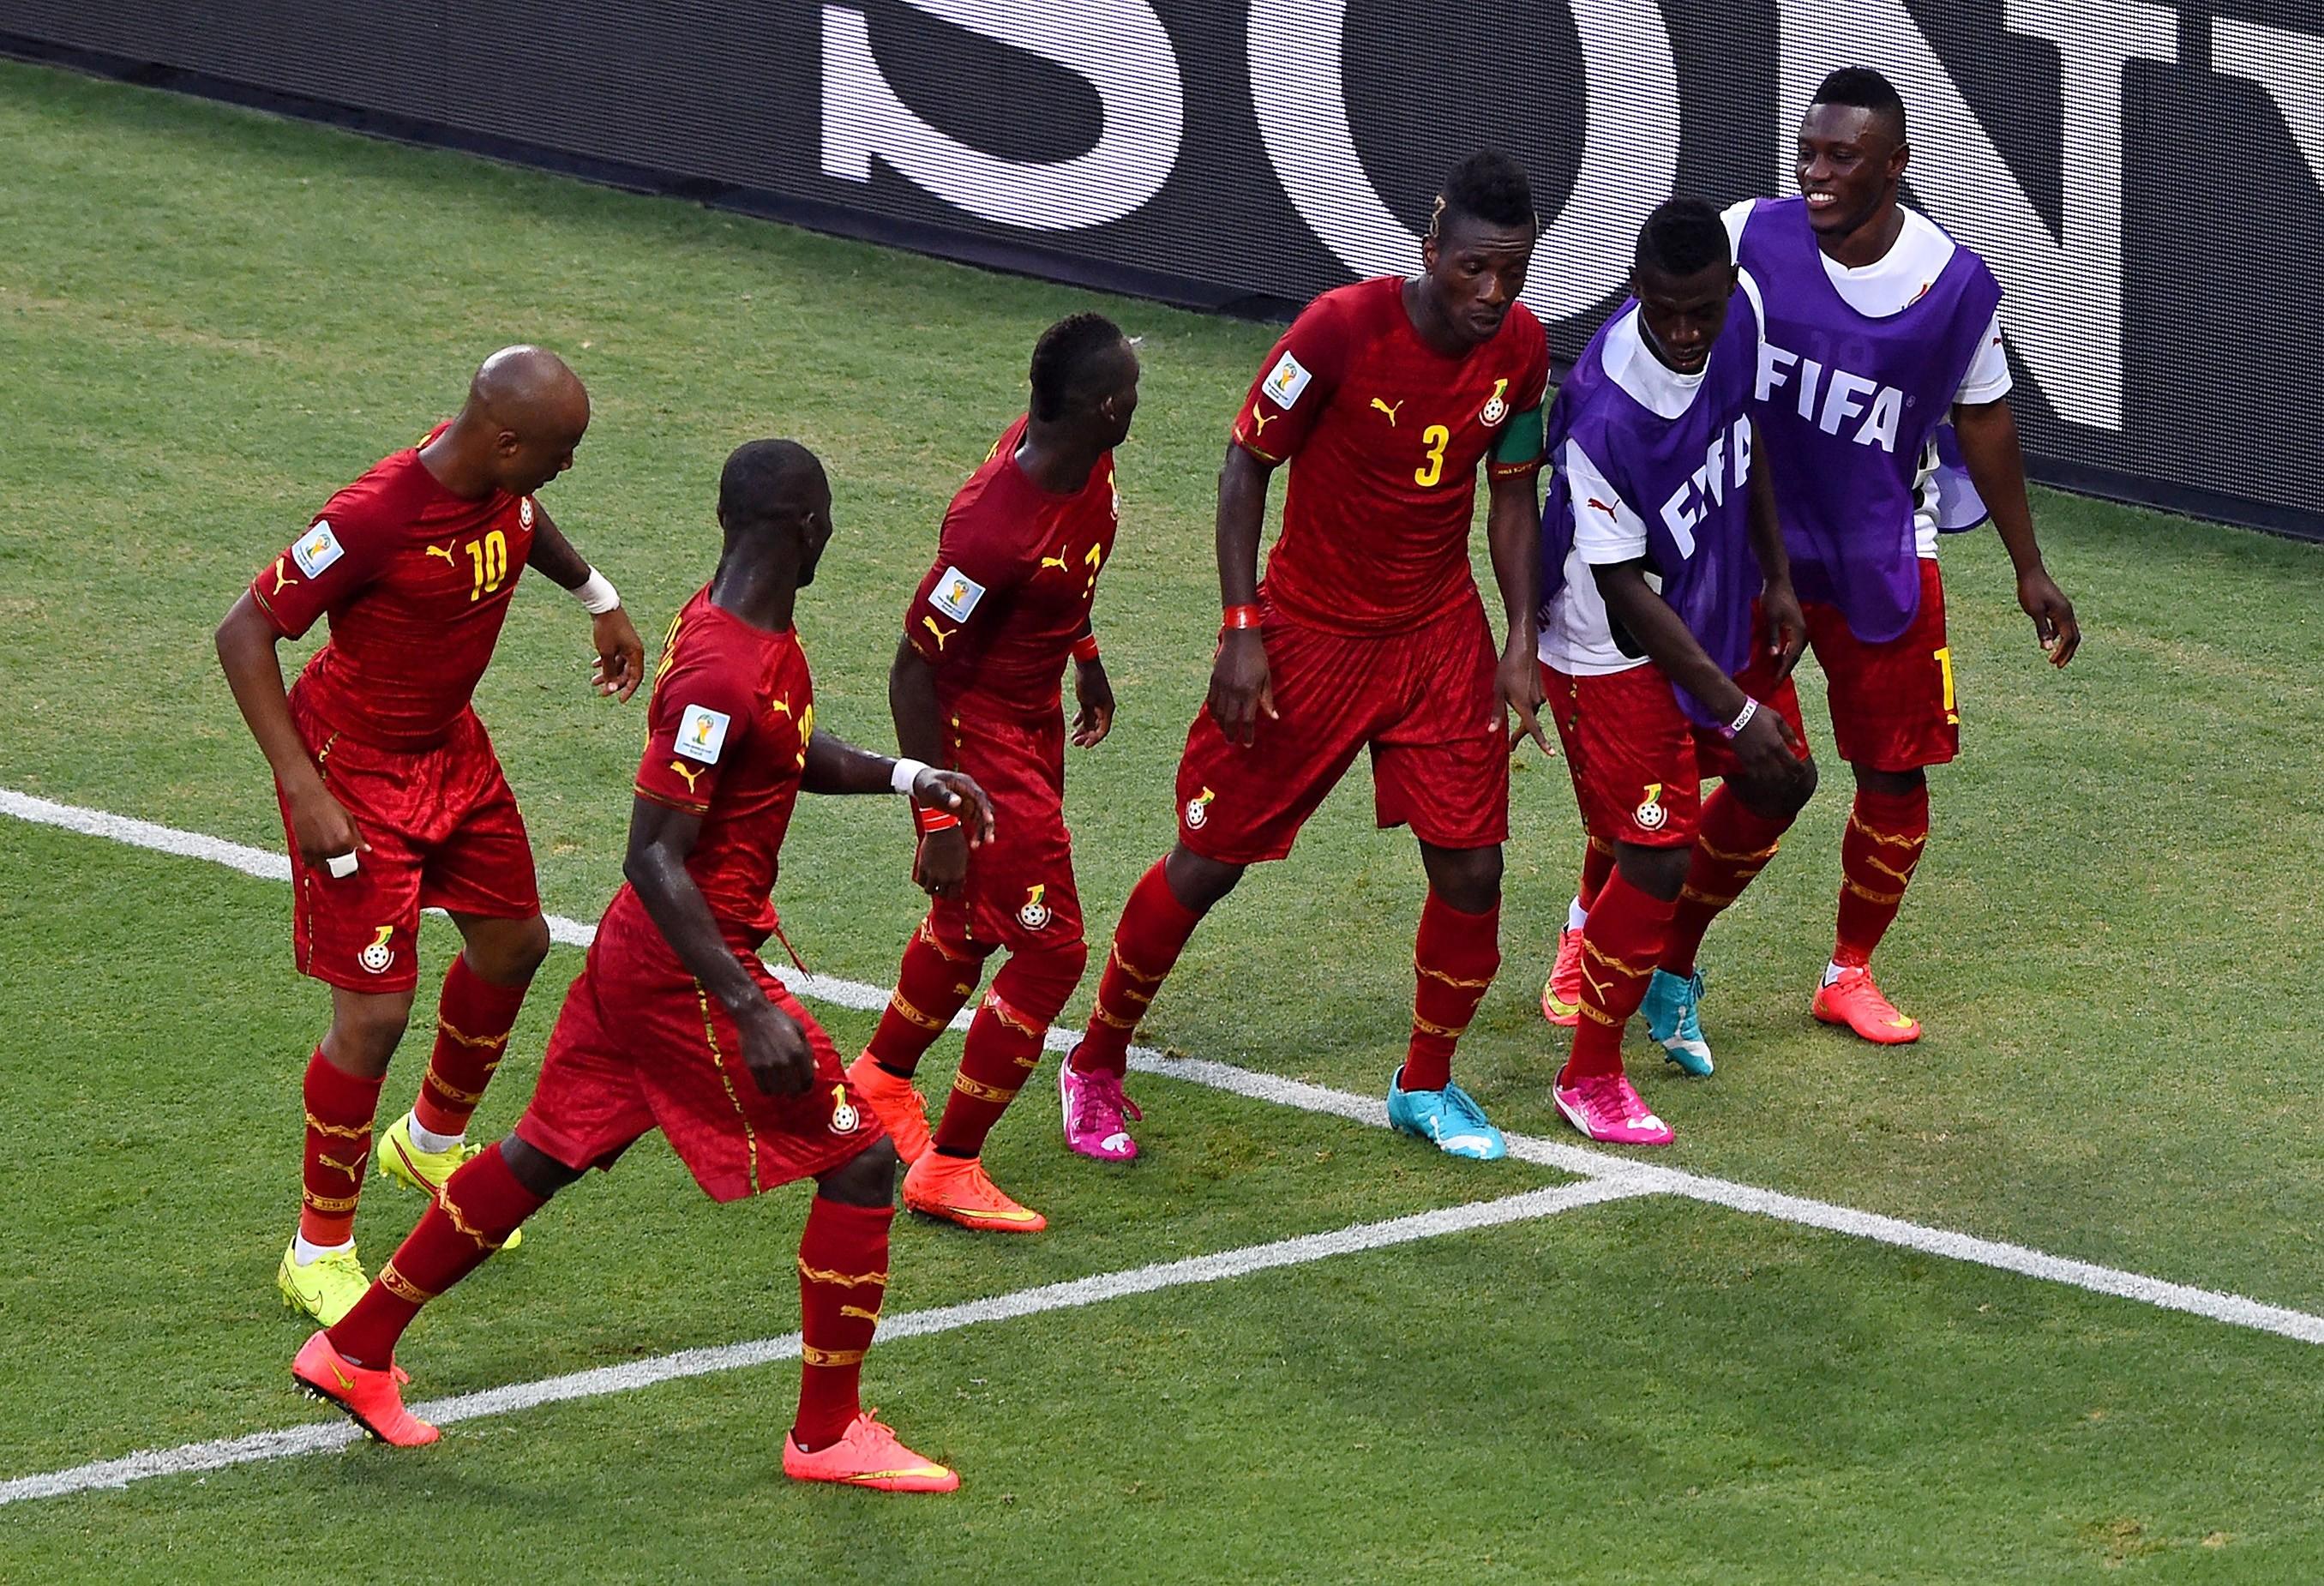 Германия - Гана. 5 ответов матча - изображение 2